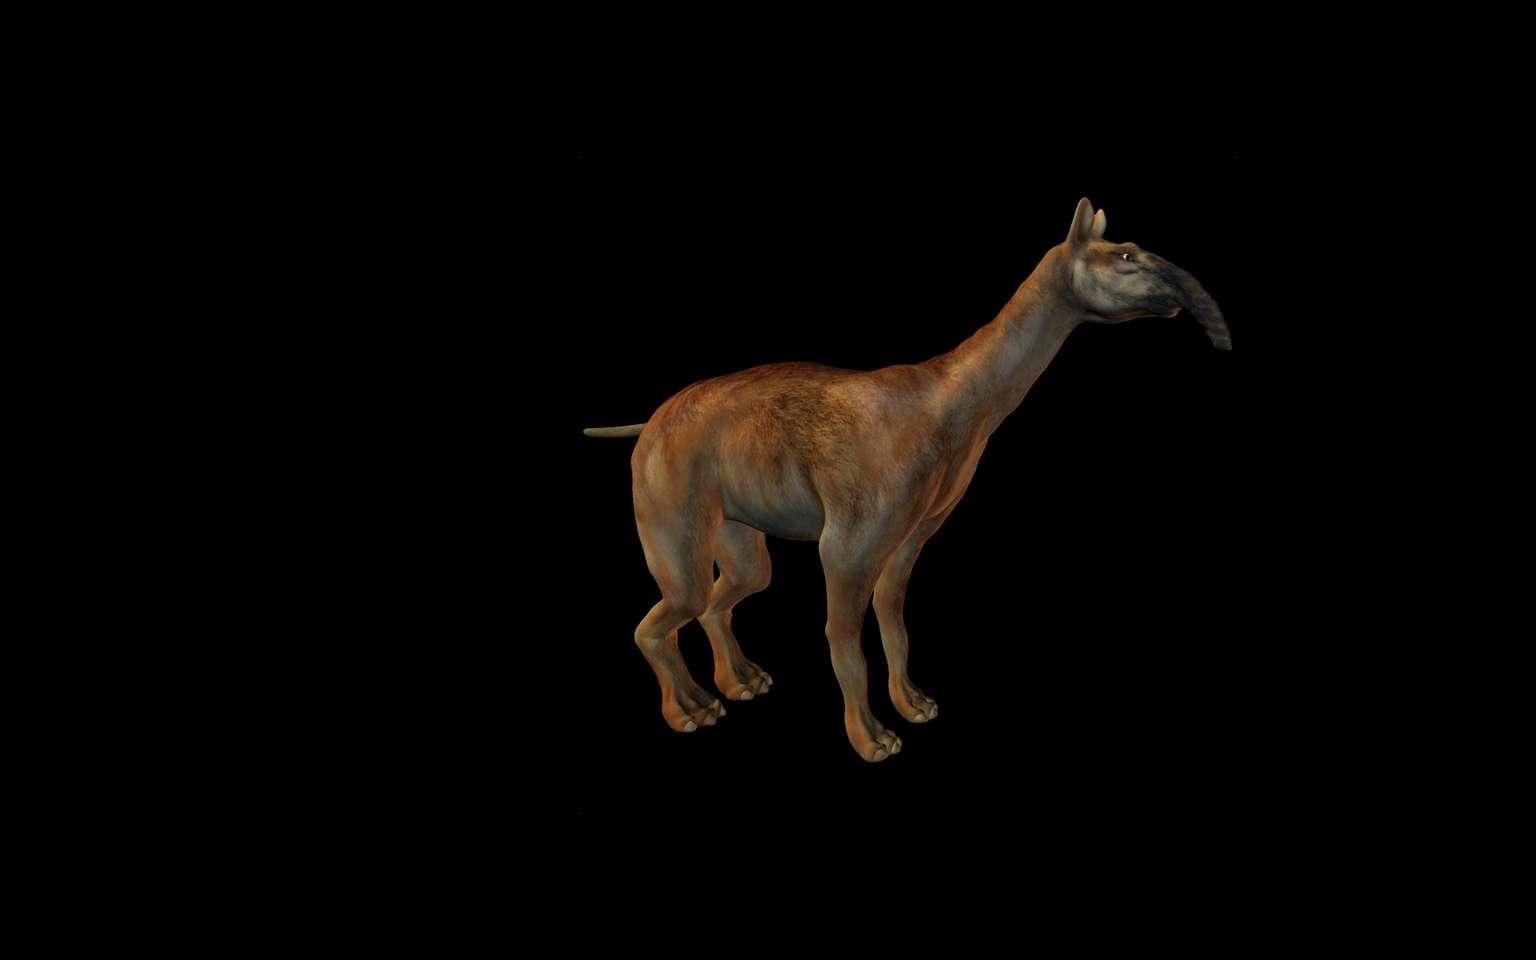 Le Macrauchenia patachonica avait un long cou qui, bien qu'il évoque la girafe, n'en était pas un cousin proche. © Andreas Meyer, fotolia